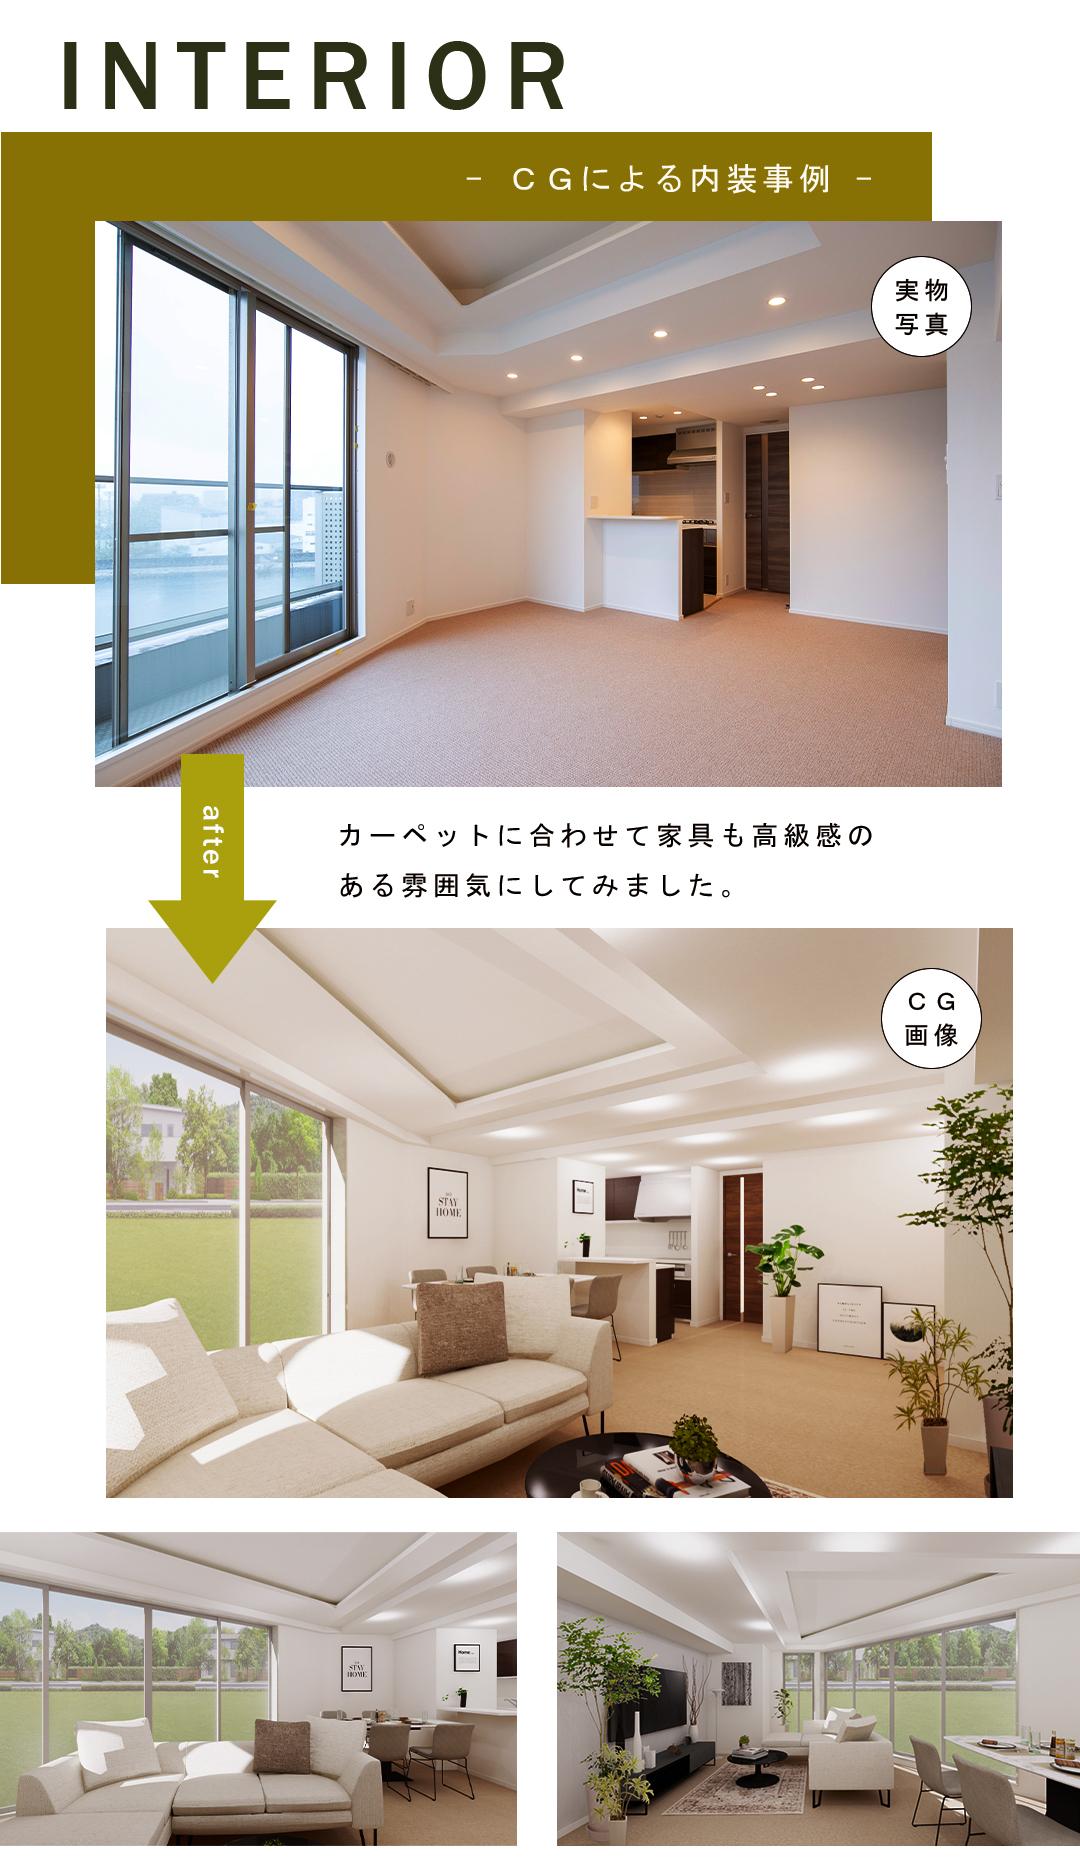 CGによる内装事例